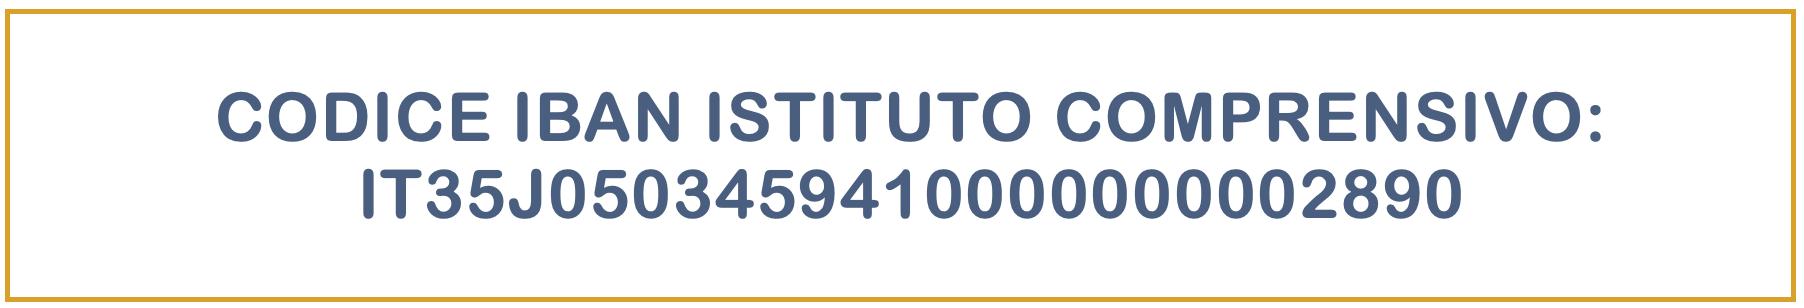 Pulsante CODICE IBAN ISTITUTO COMPRENSIVO: CODICE IBAN ISTITUTO COMPRENSIVO: IT35J0503459410000000002890